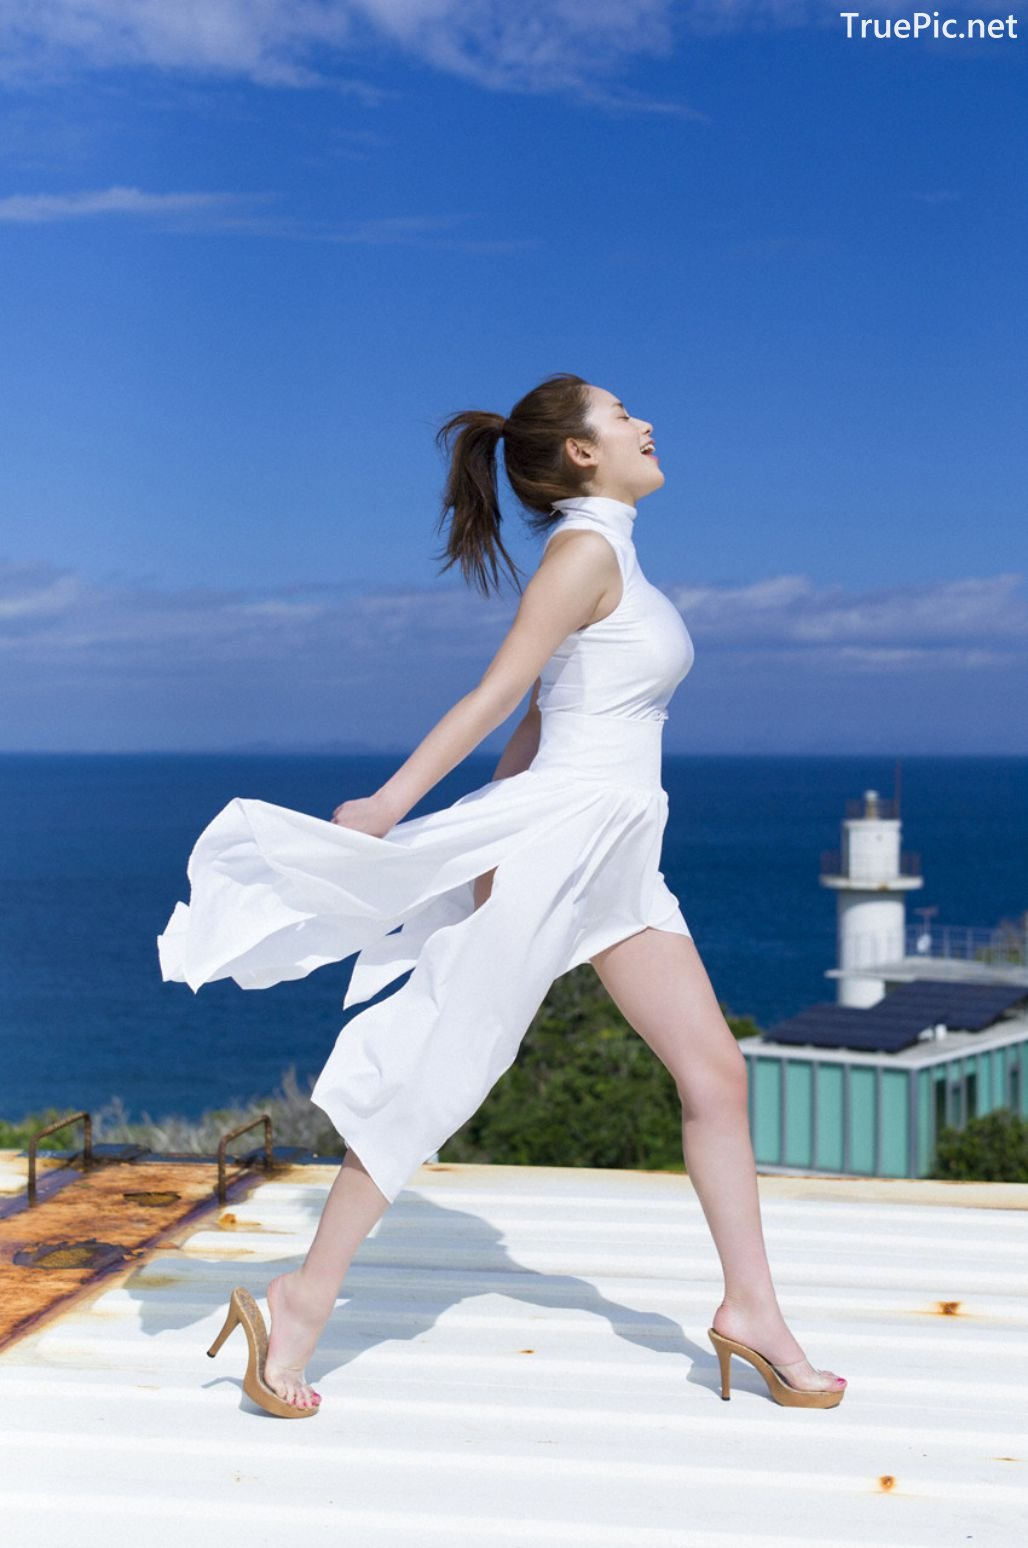 Image-Japanese-Gravure-Idol-Miwako-Kakei-Sexy-Japanese-Angel-With-Hot-Body-TruePic.net- Picture-7